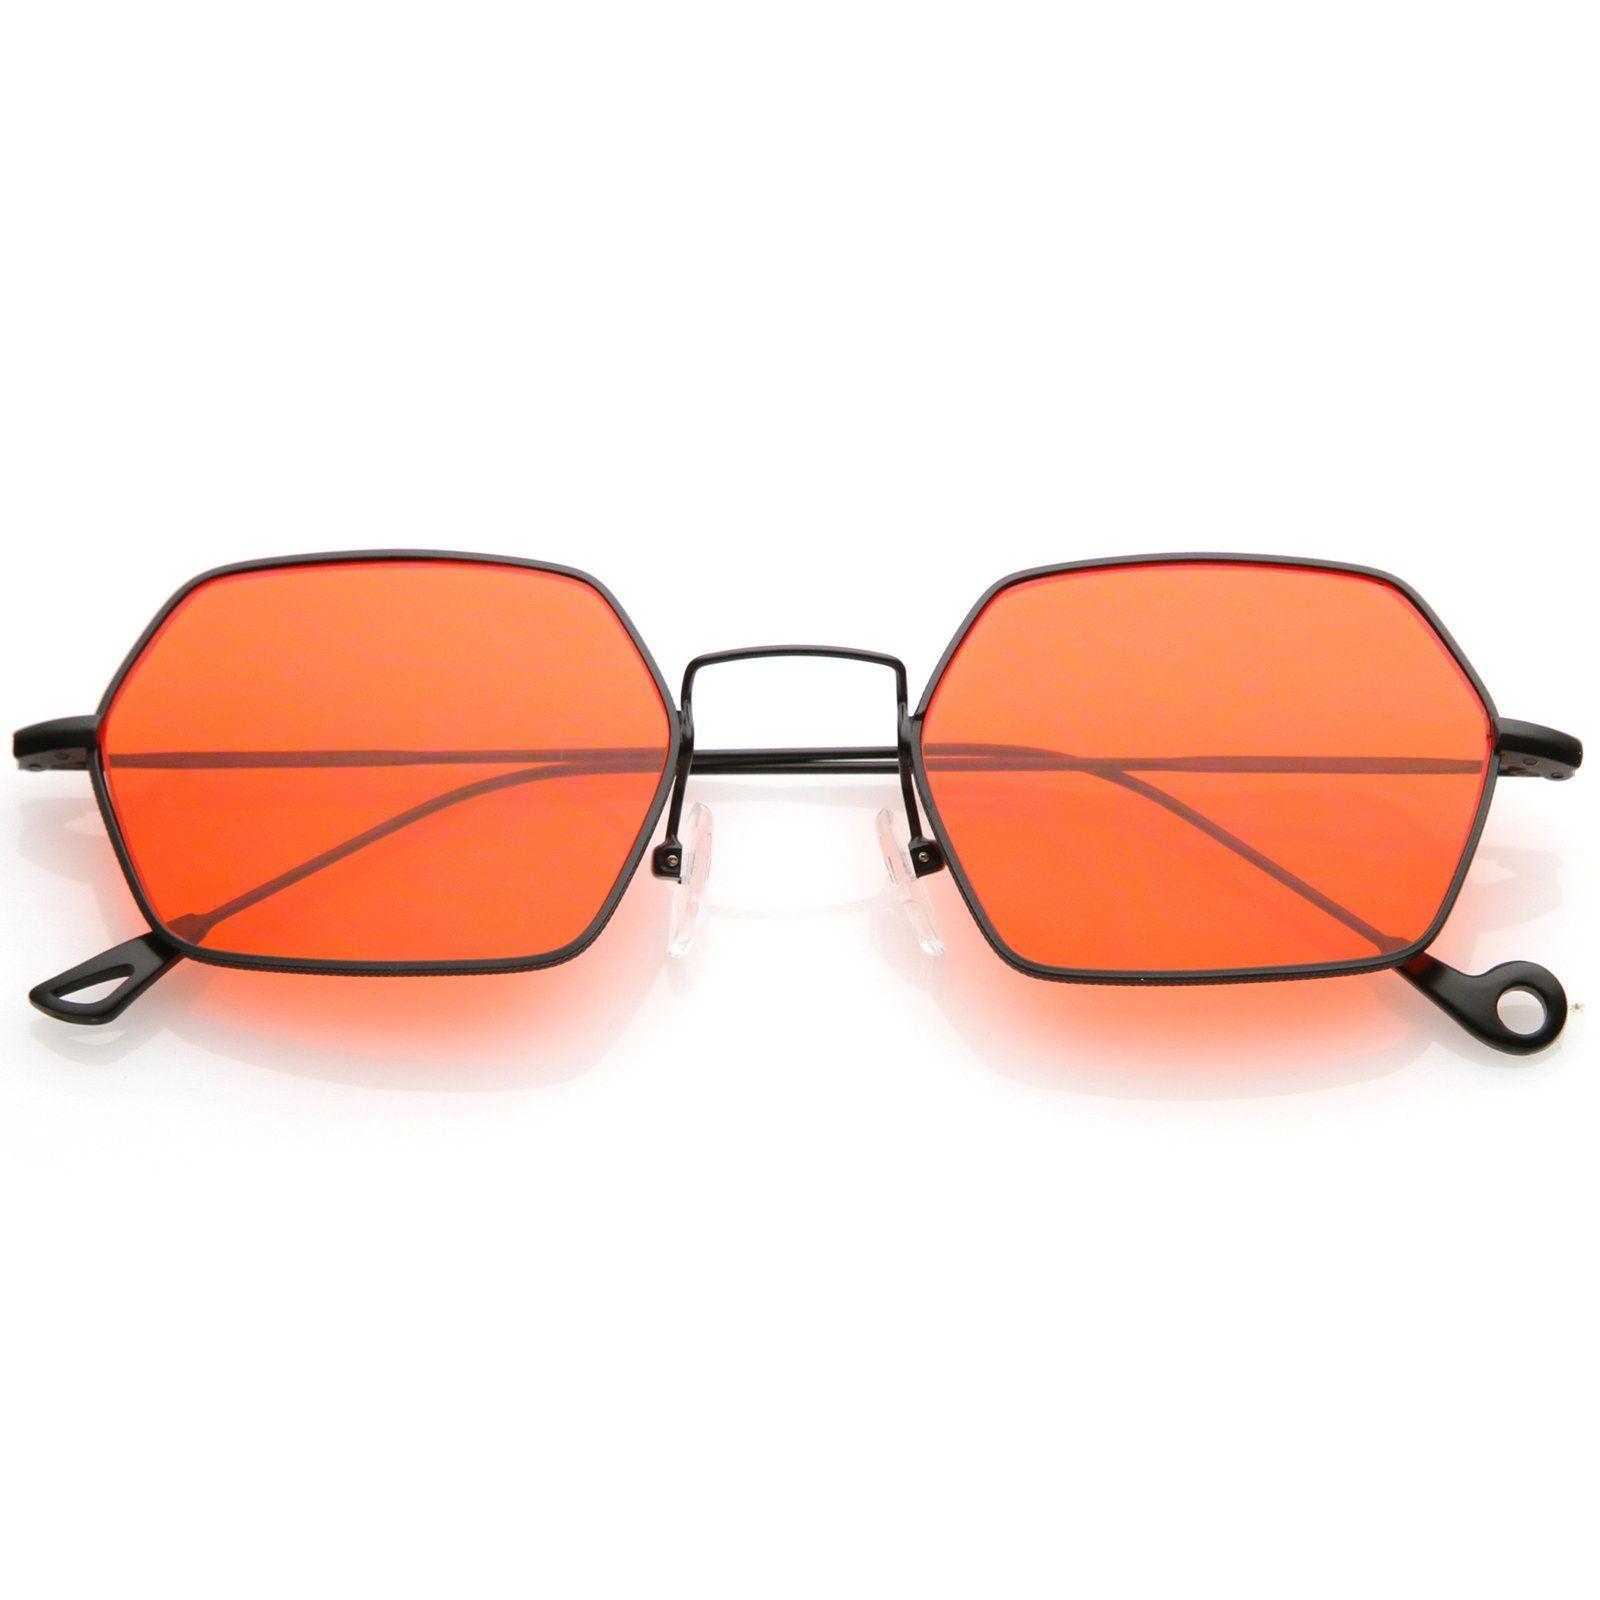 f55b507ea Small Metal Hexagon Sunglasses Ultra Slim Arms Colored Flat Lens 51mm Óculos  De Sol Feminino,